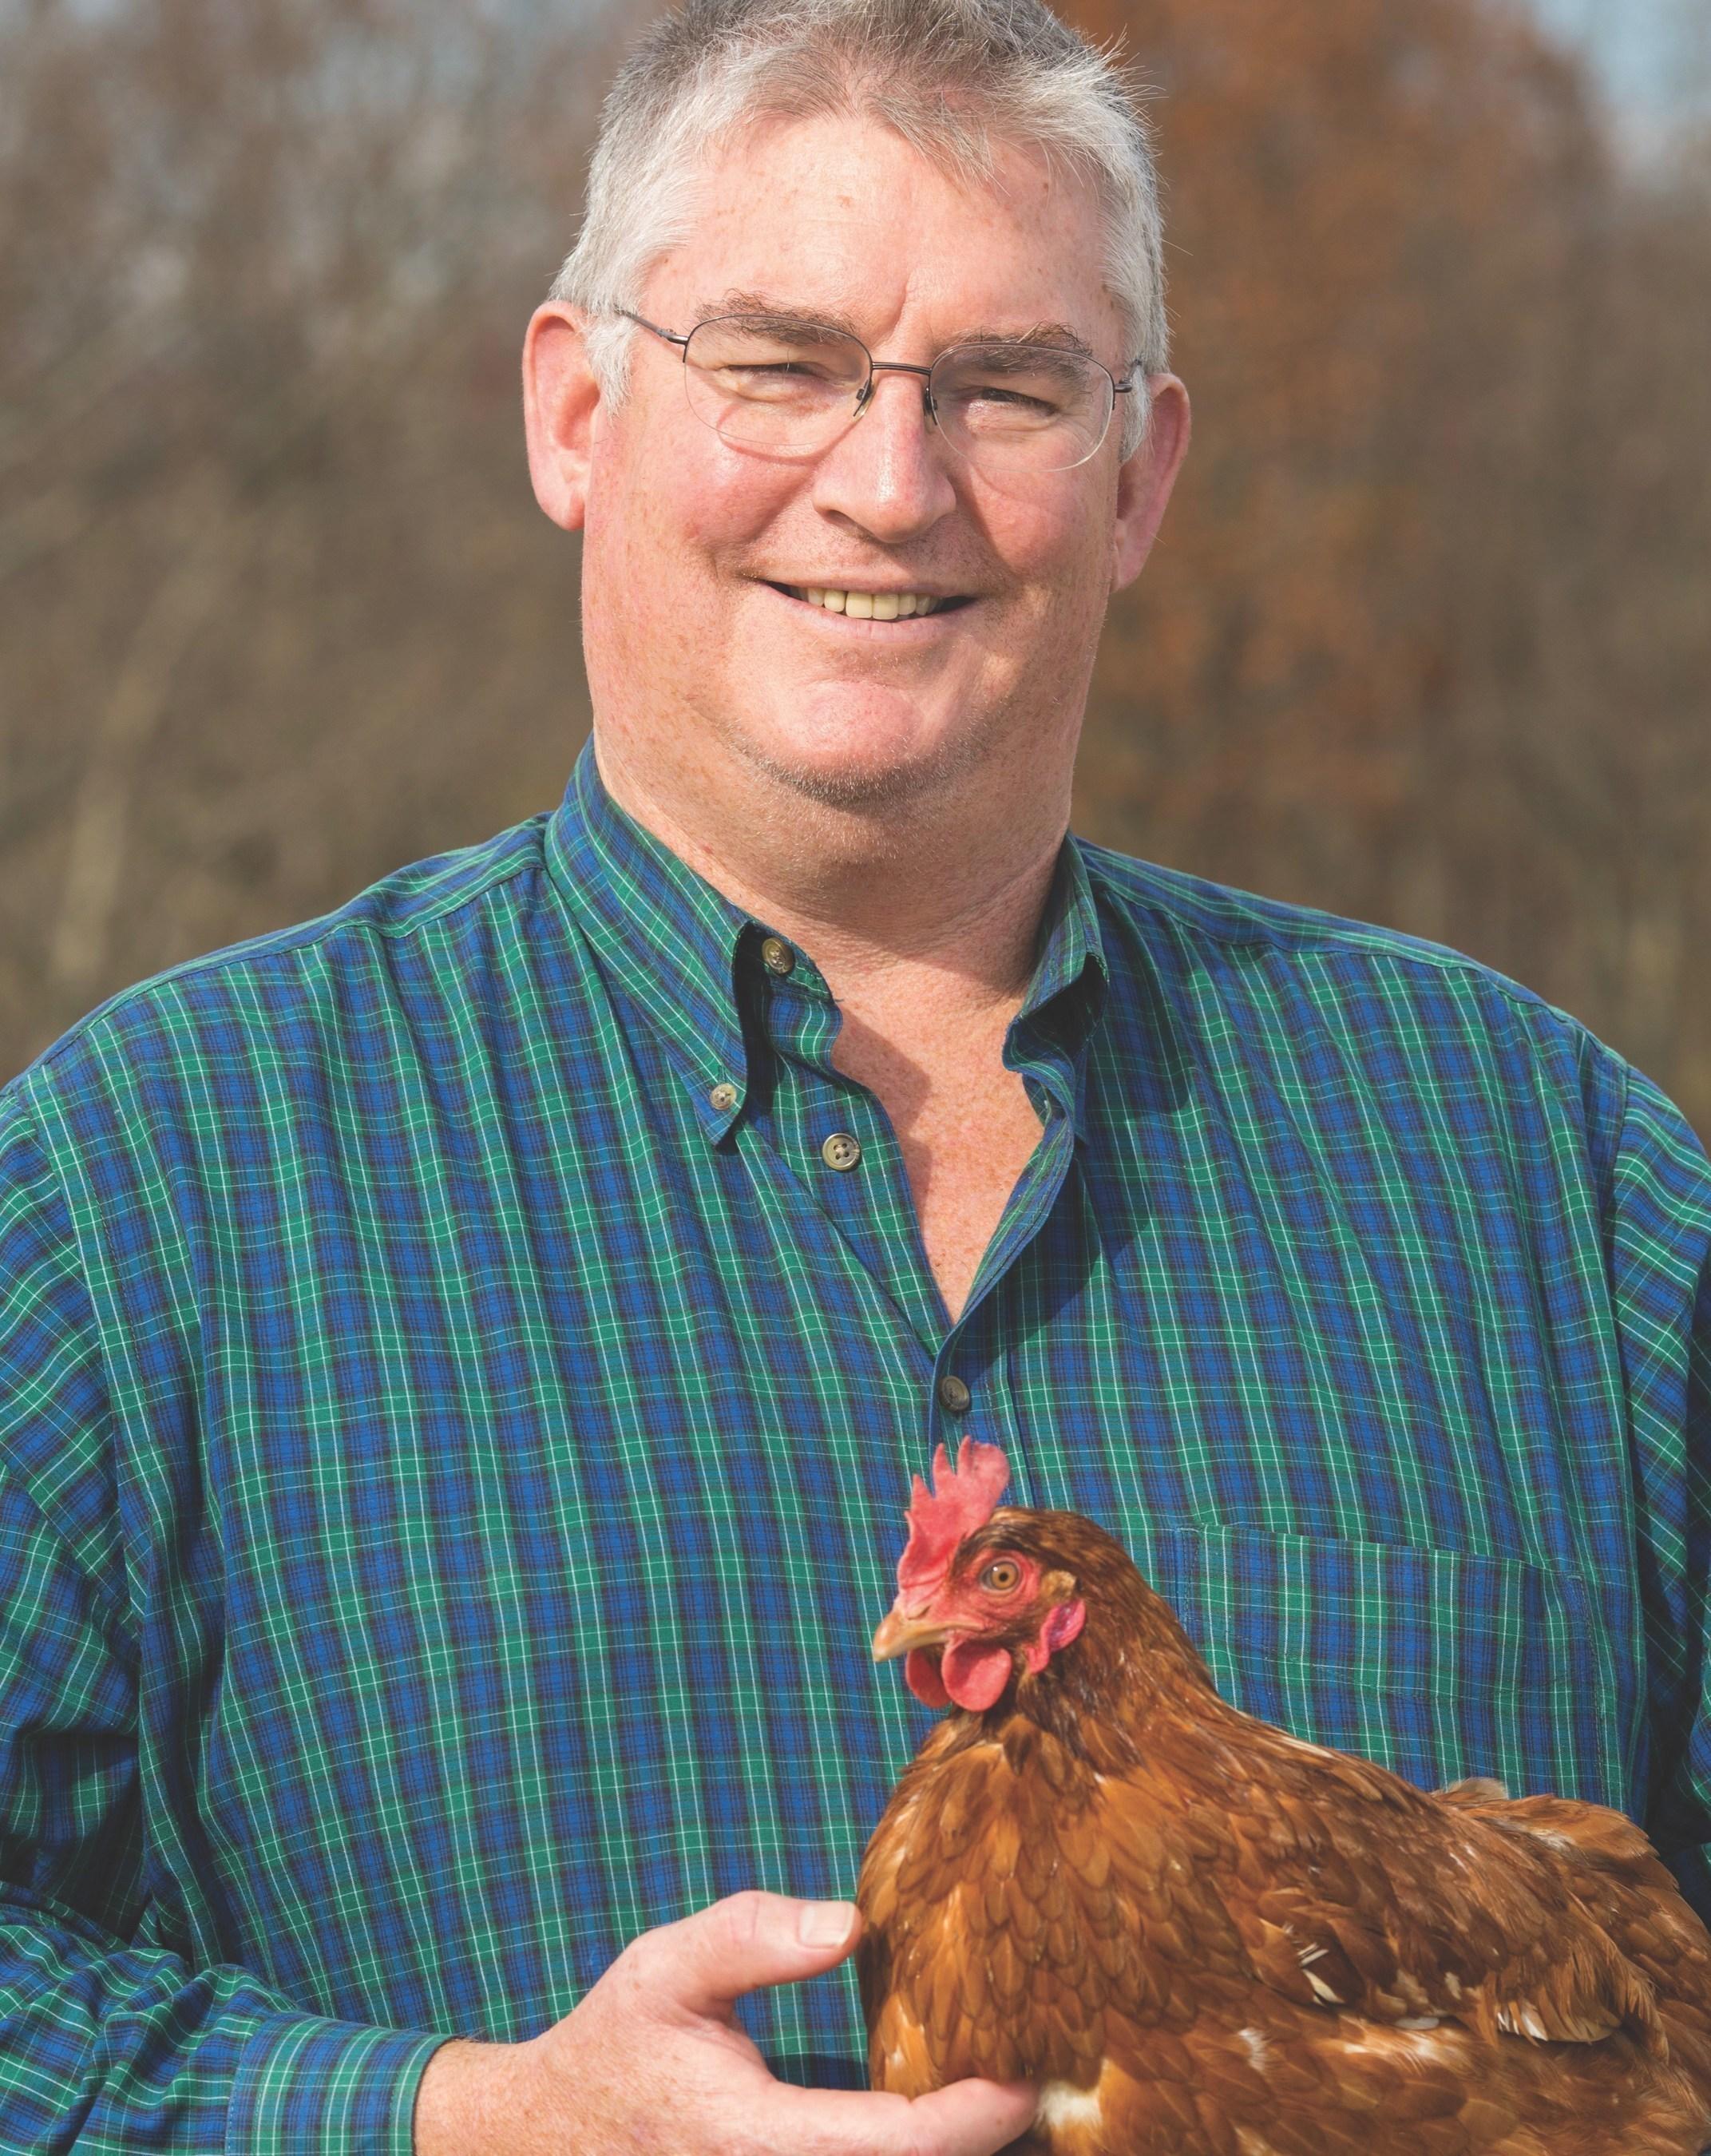 John Brunnquell Named President of Organic Egg Farmers of America